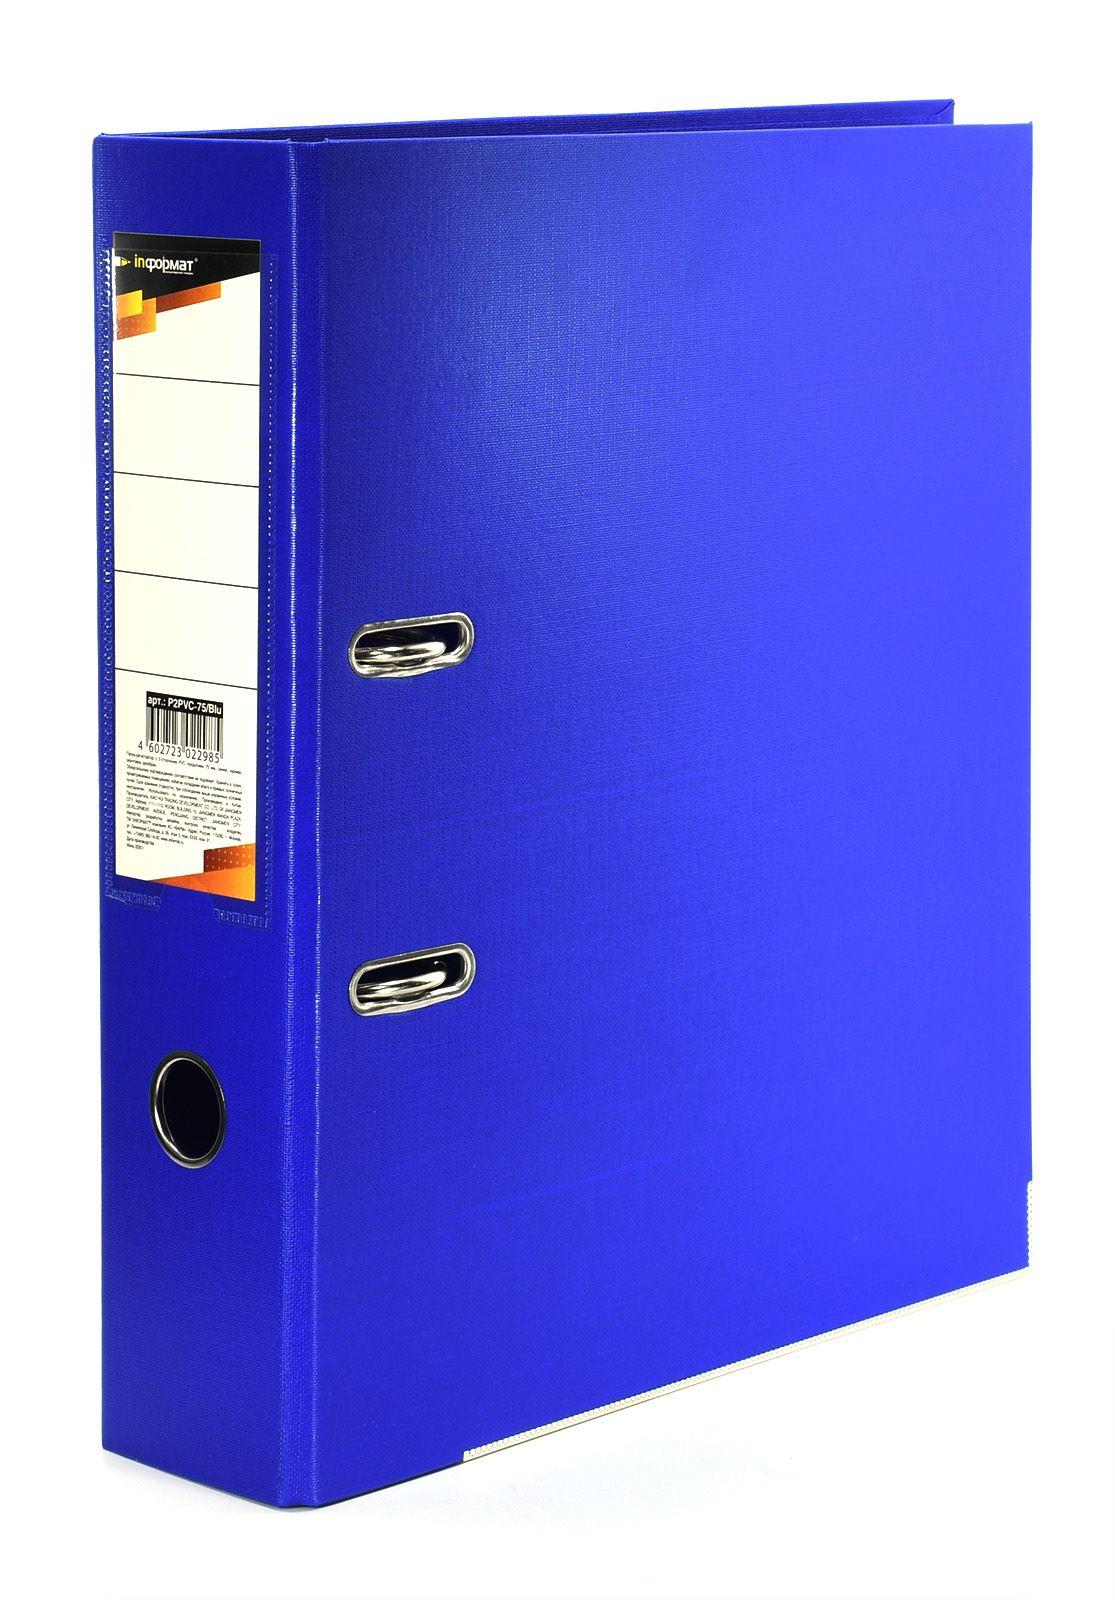 Папка-регистратор INFORMAT 75 мм двухстороннее покрытие PVC, ярко-синяя